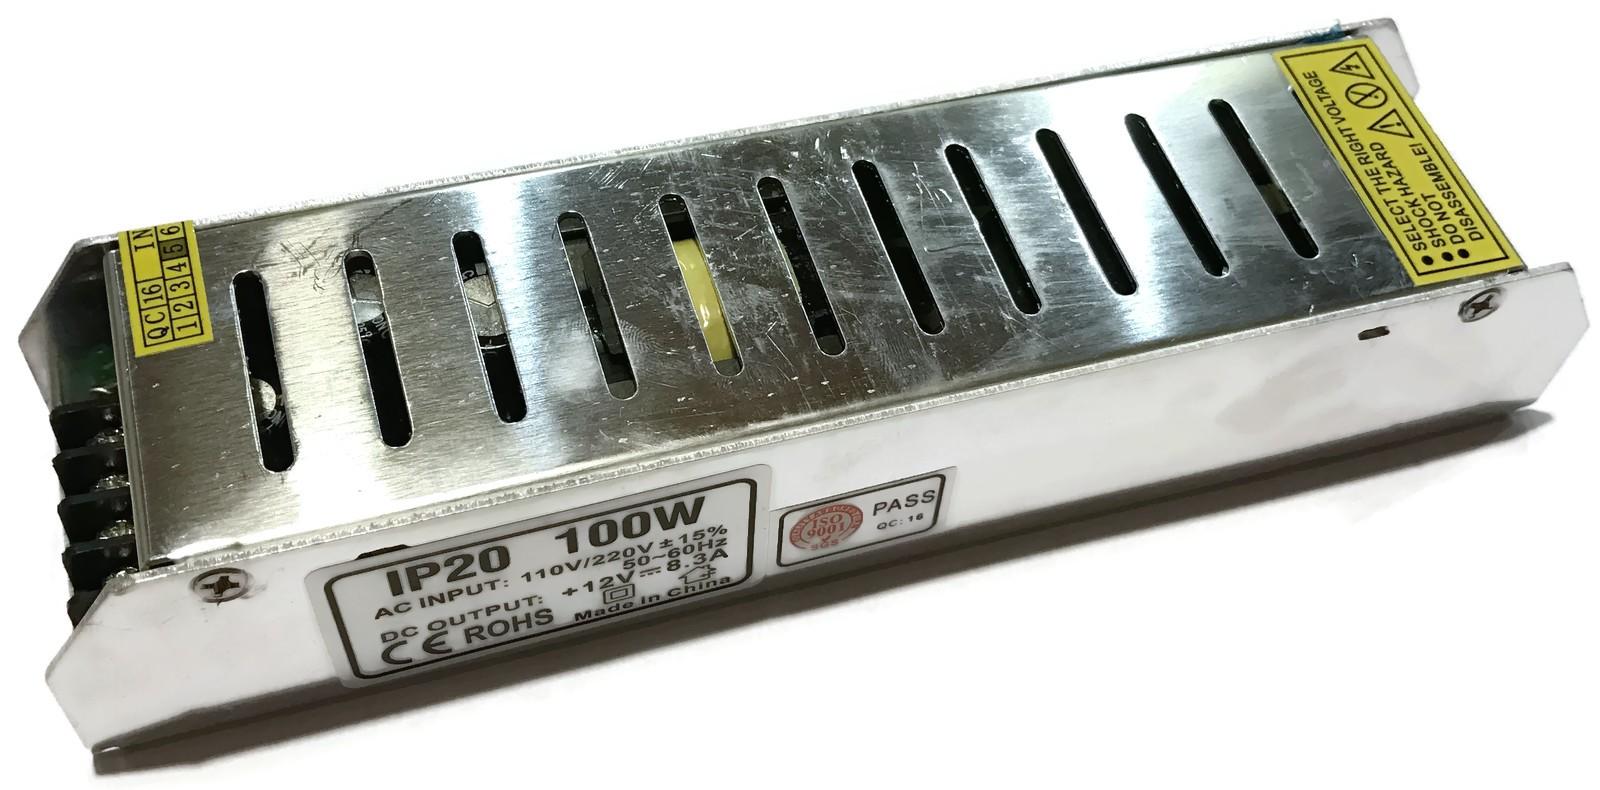 ZASILACZ IMPULSOWY LED CCTV 230V - 12V DC 100W 8A